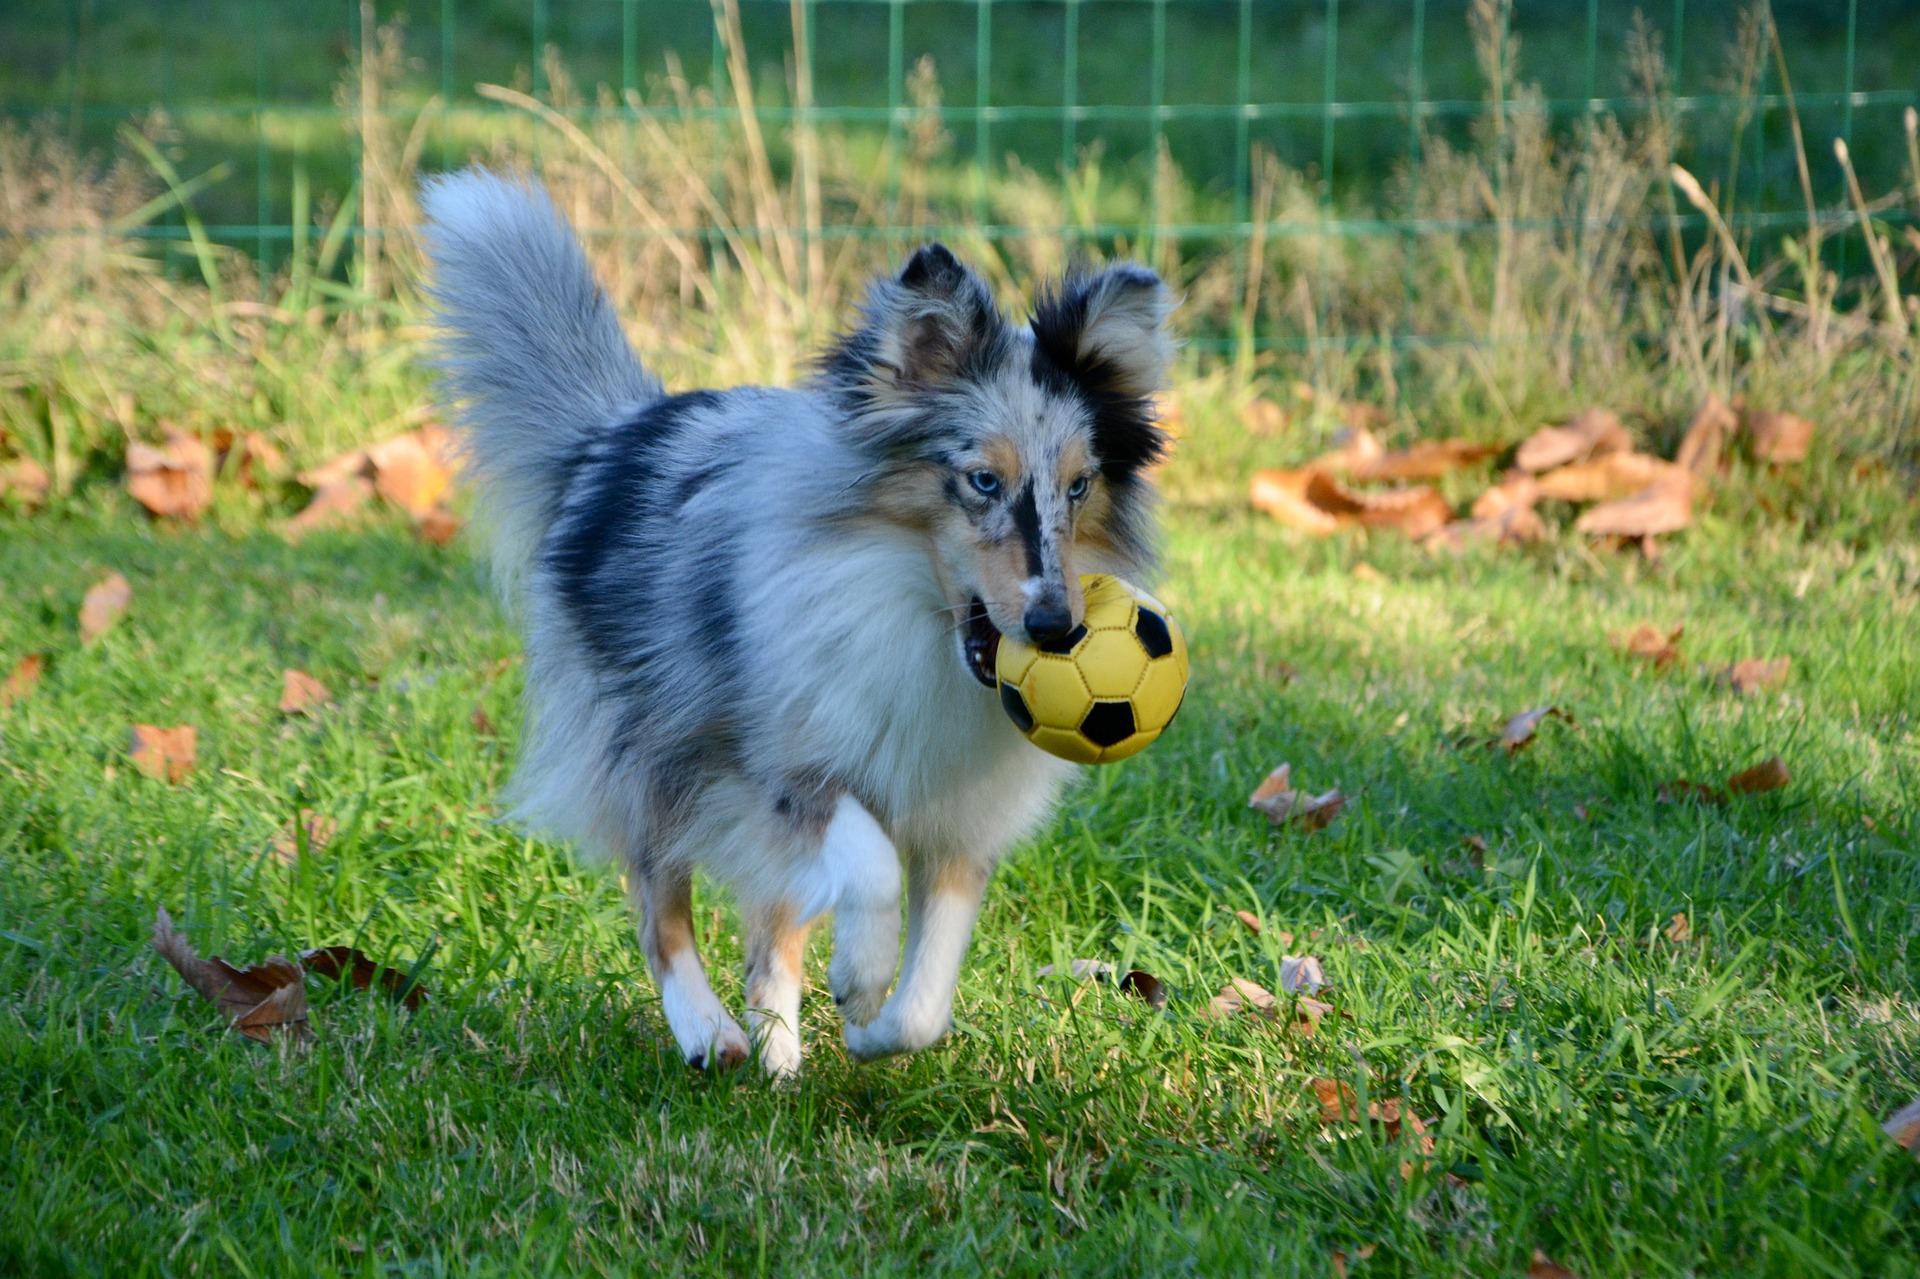 Imagem mostra uma cadela correndo sobre a grama, com uma mini bola de futebol em sua boca.